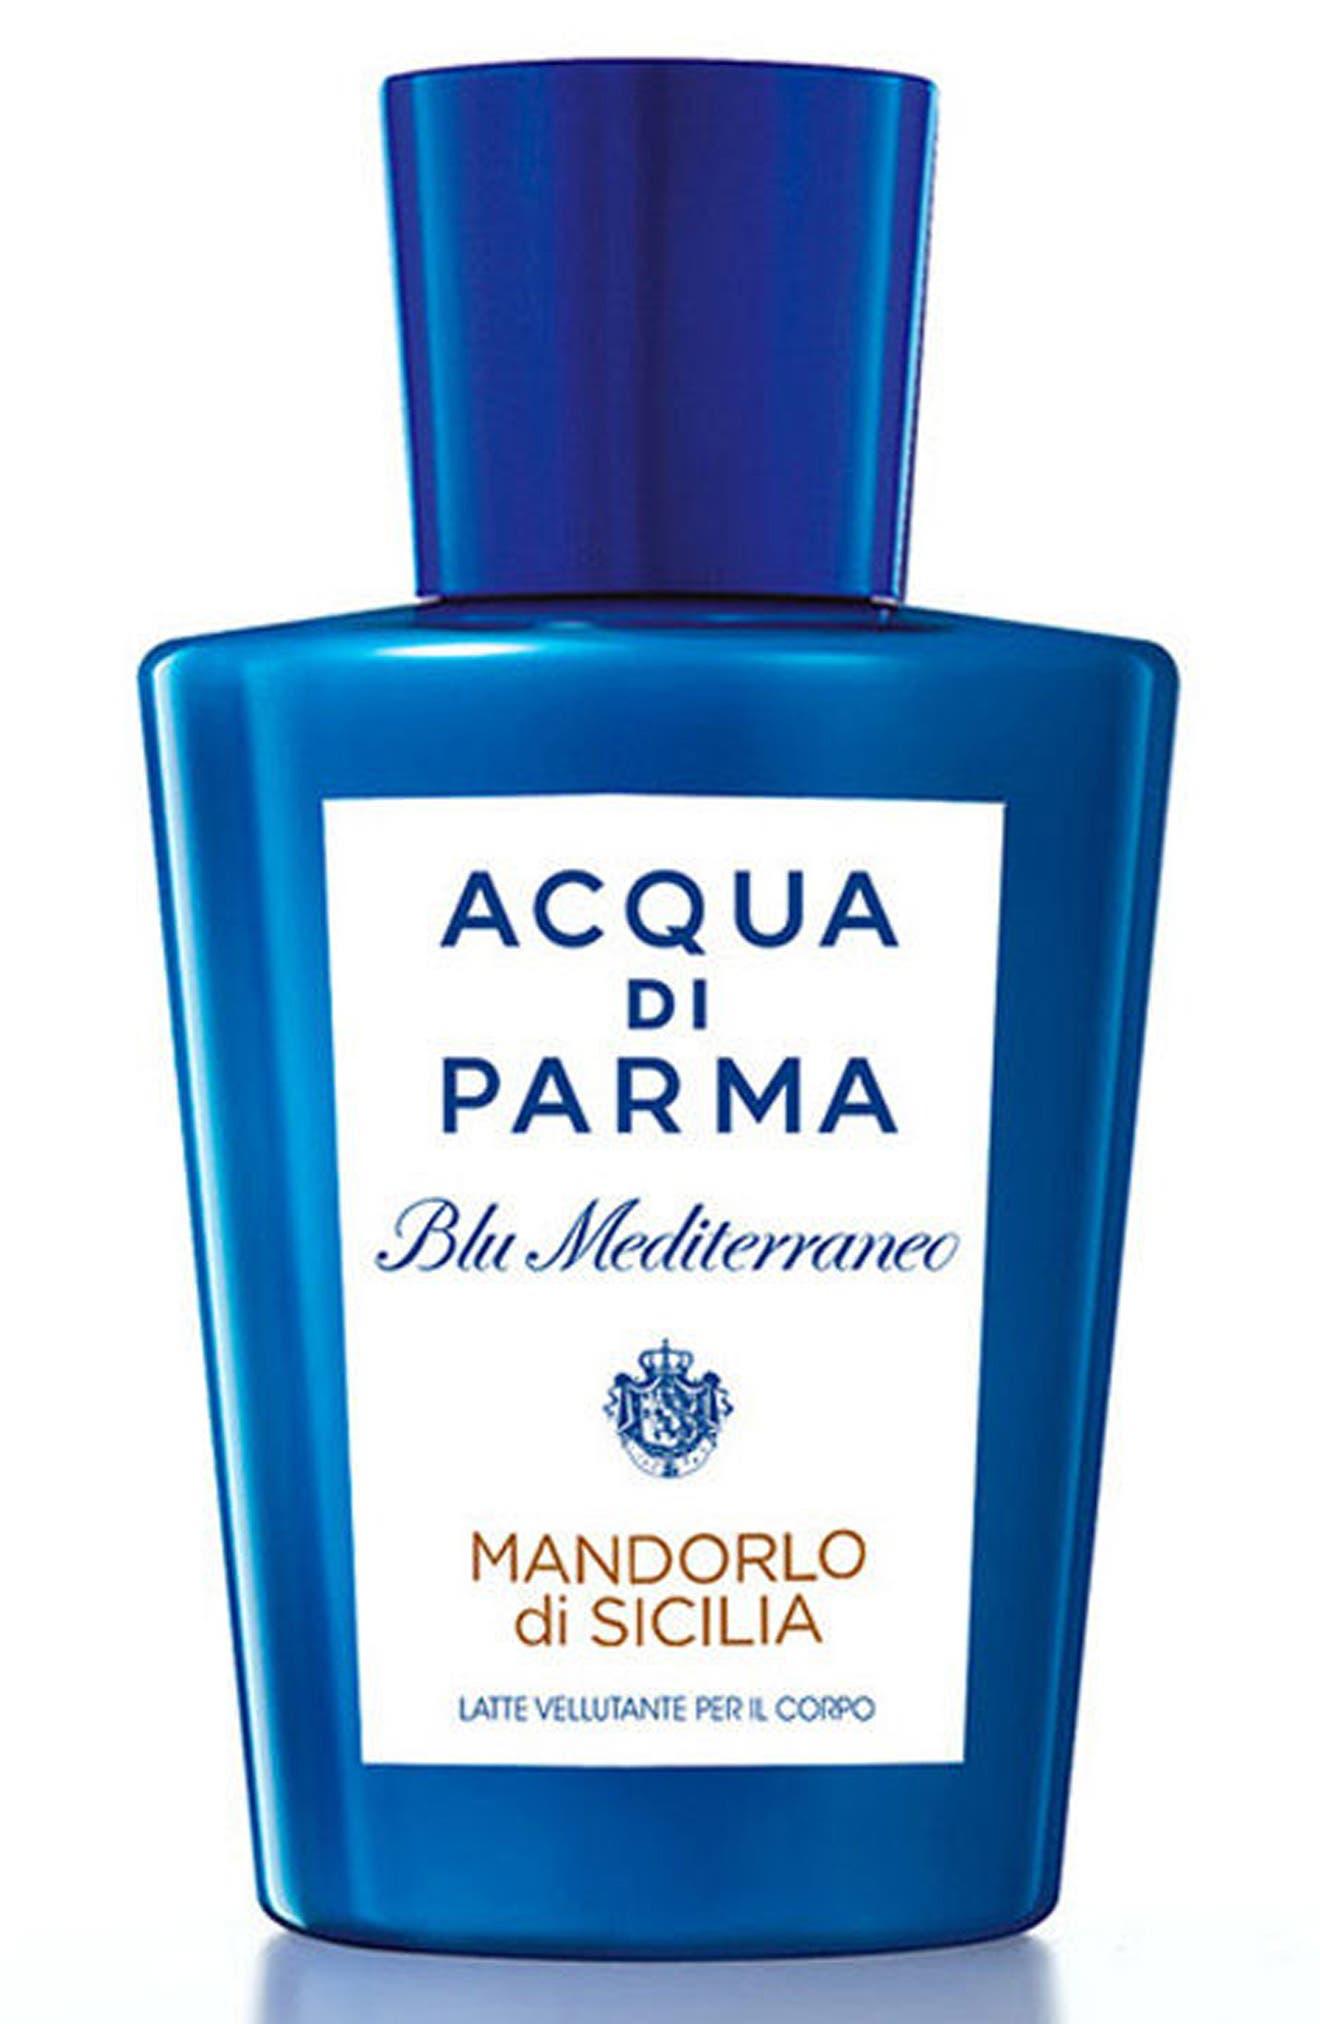 Main Image - Acqua di Parma 'Blu Mediterraneo' Mandorolo di Sicilia Body Lotion